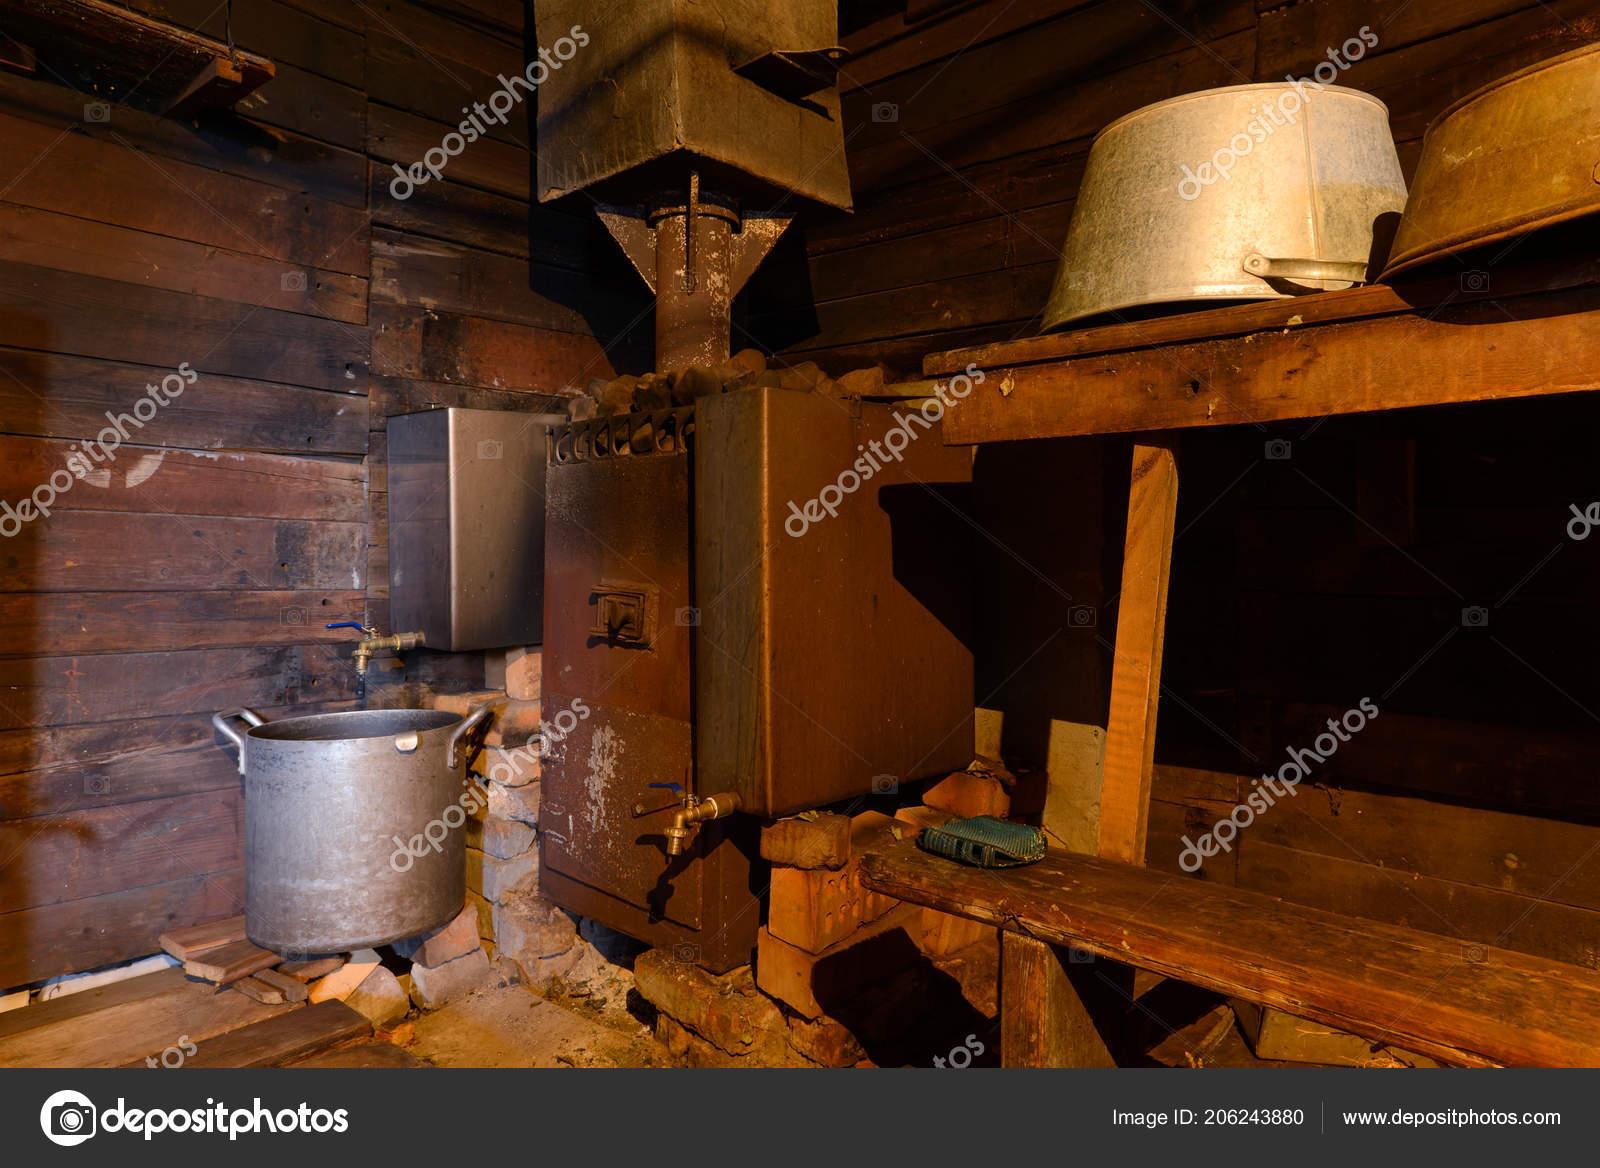 Accessori Bagno In Legno : Interno vecchio bagno legno con accessori bagno u foto stock